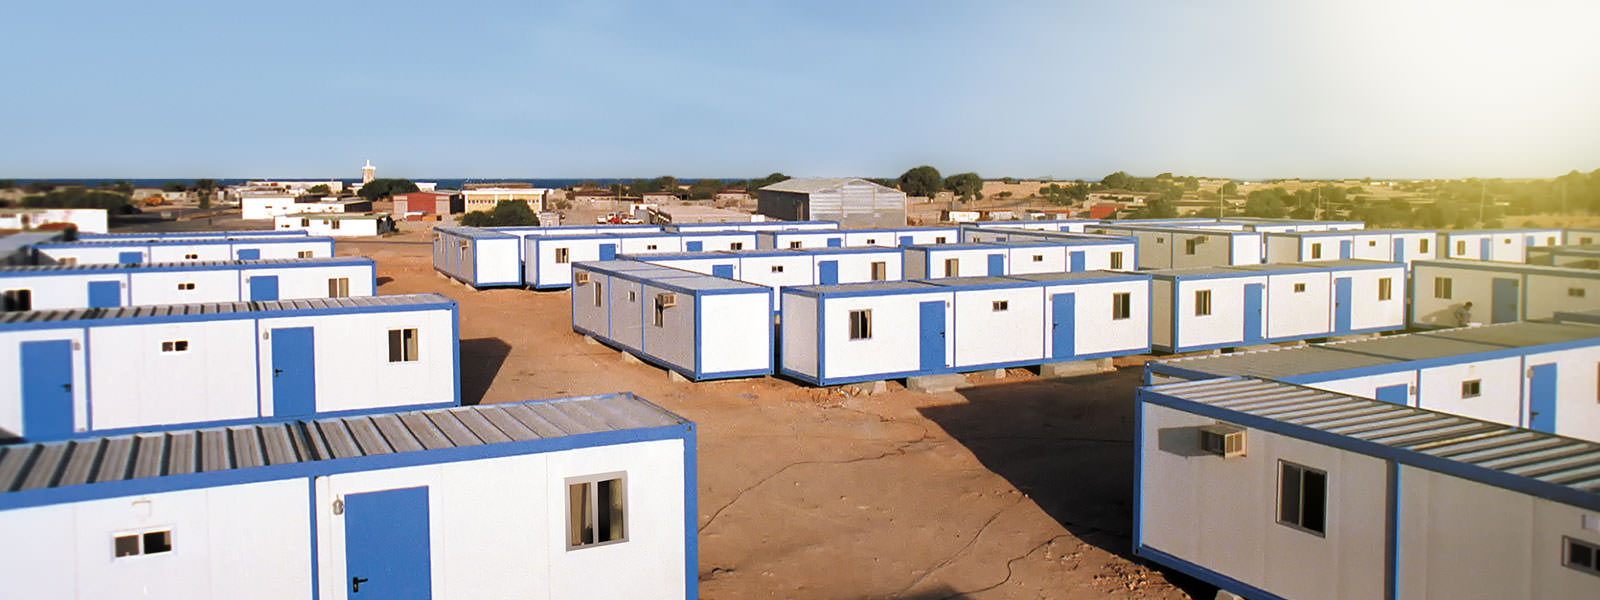 Mietcontainer und Raummodule als Baustellenwohnheim